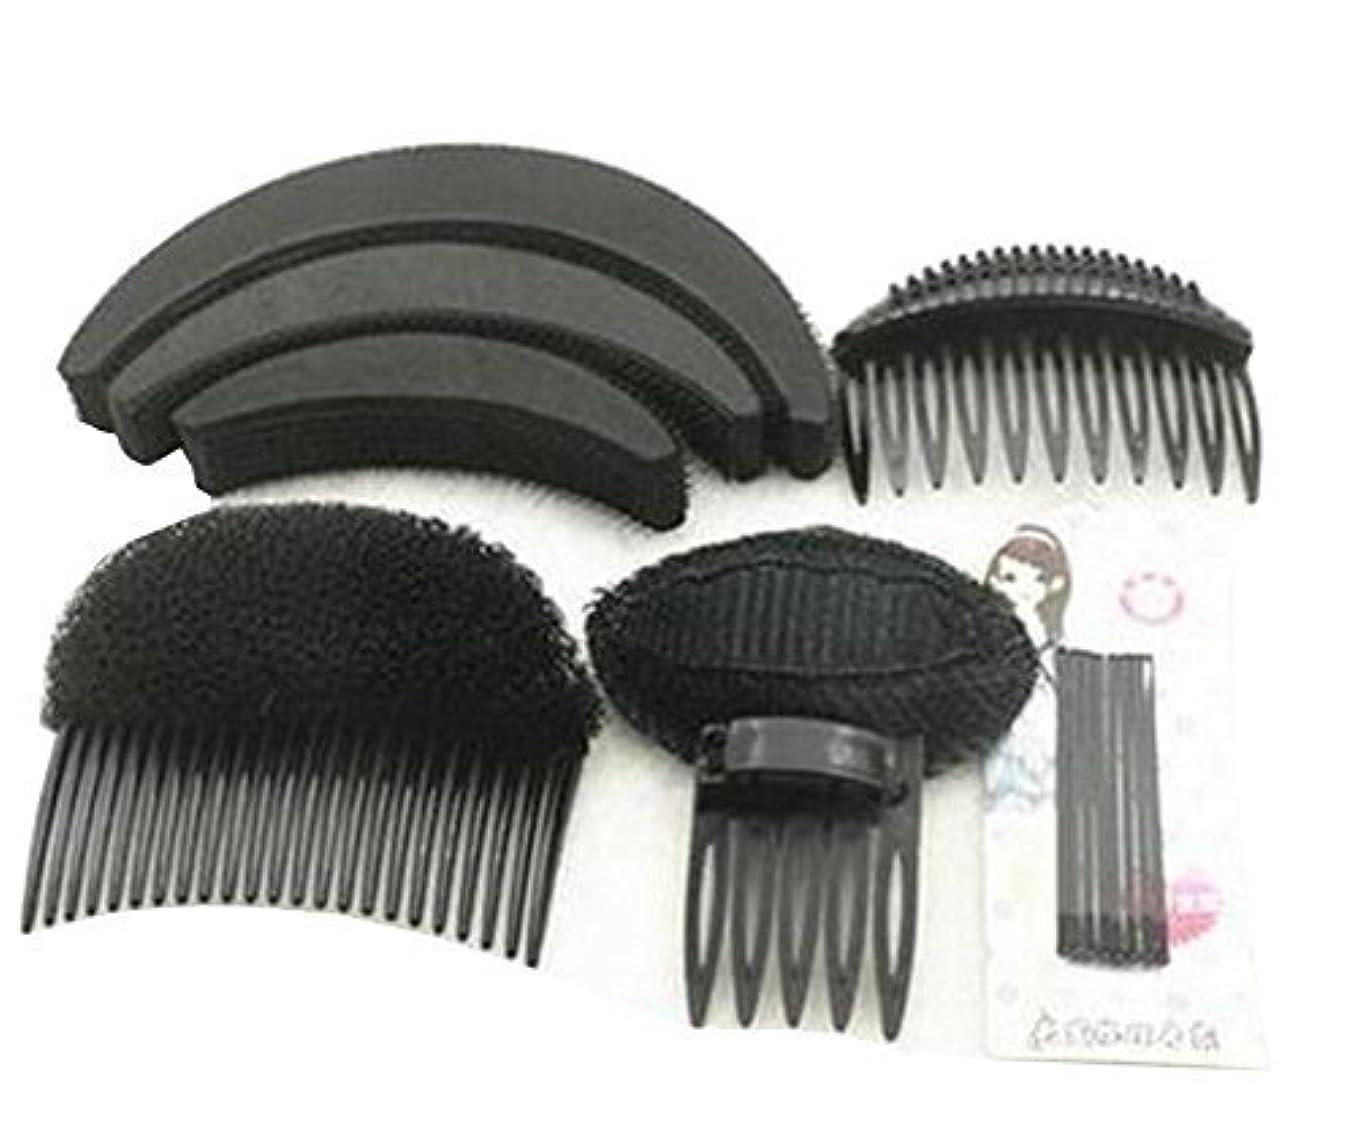 うなる正義さまよう1 Set As picture Shown Hair Styler Styling Tool DIY Hairpin Bump Up Inserts Base Comb Bumpits Bump Foam Pads Braiding...